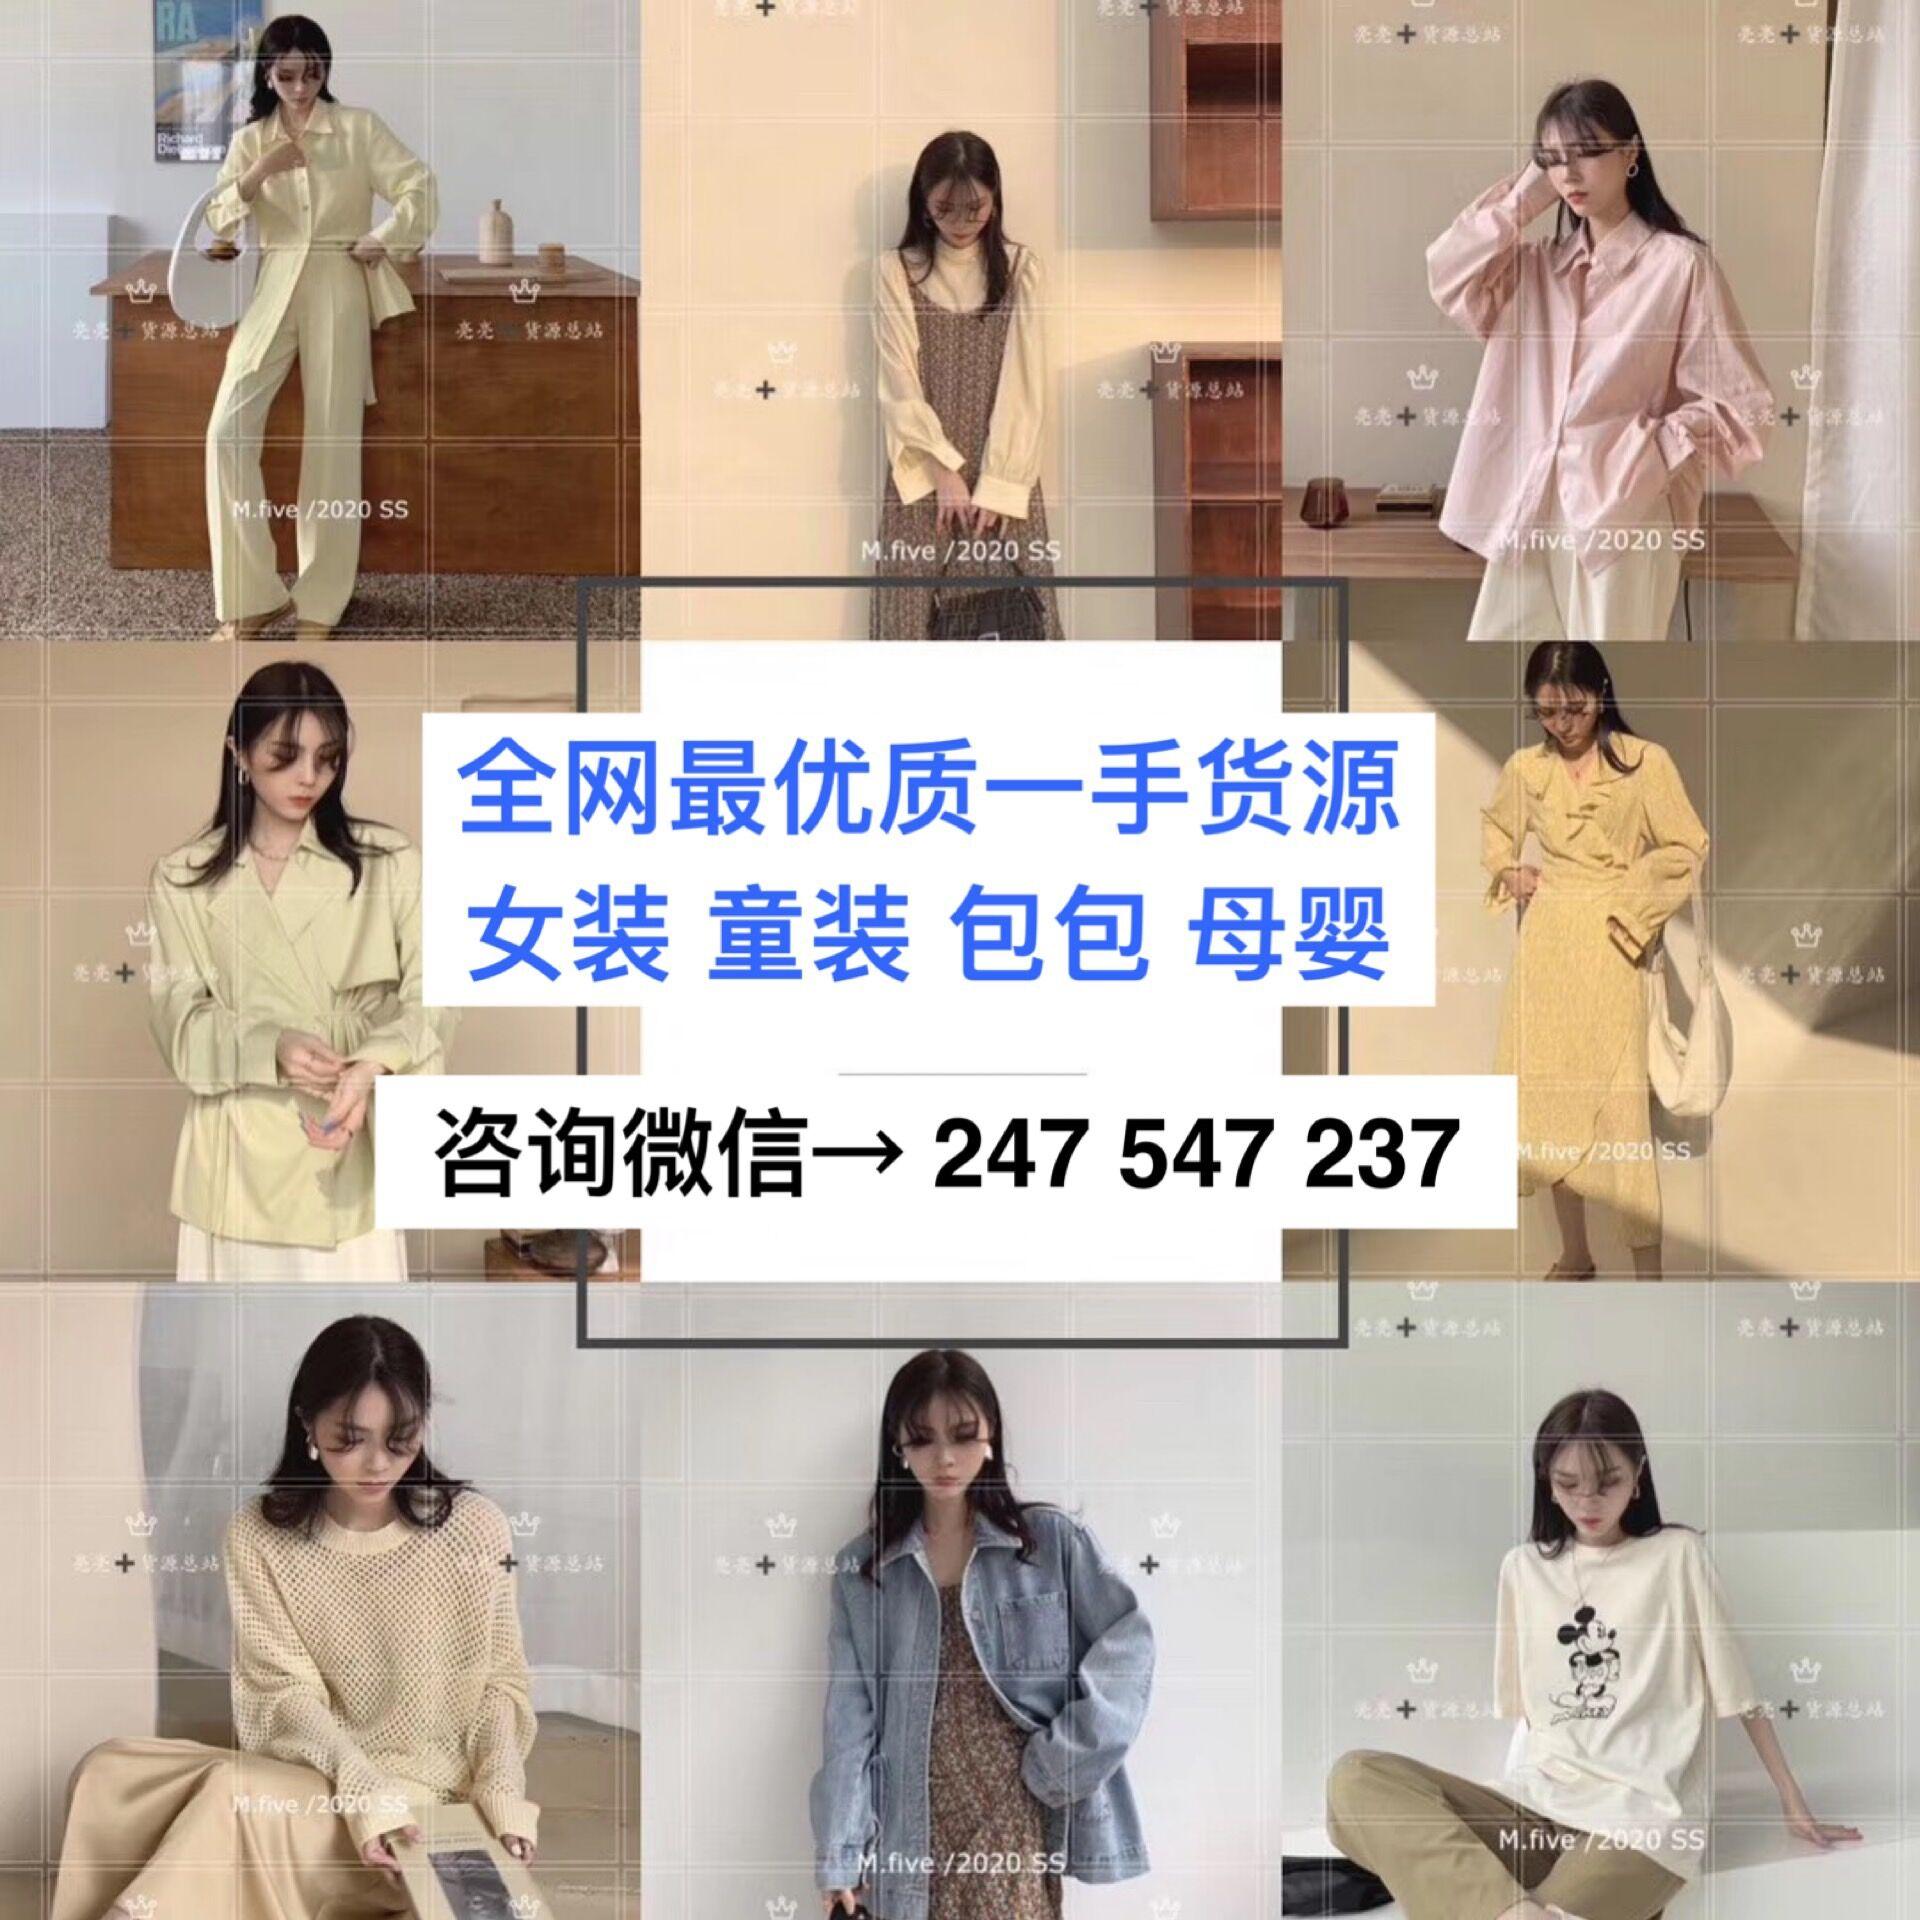 微商潮流女装 童装一手货源 实力厂家保证质量 带你创业!